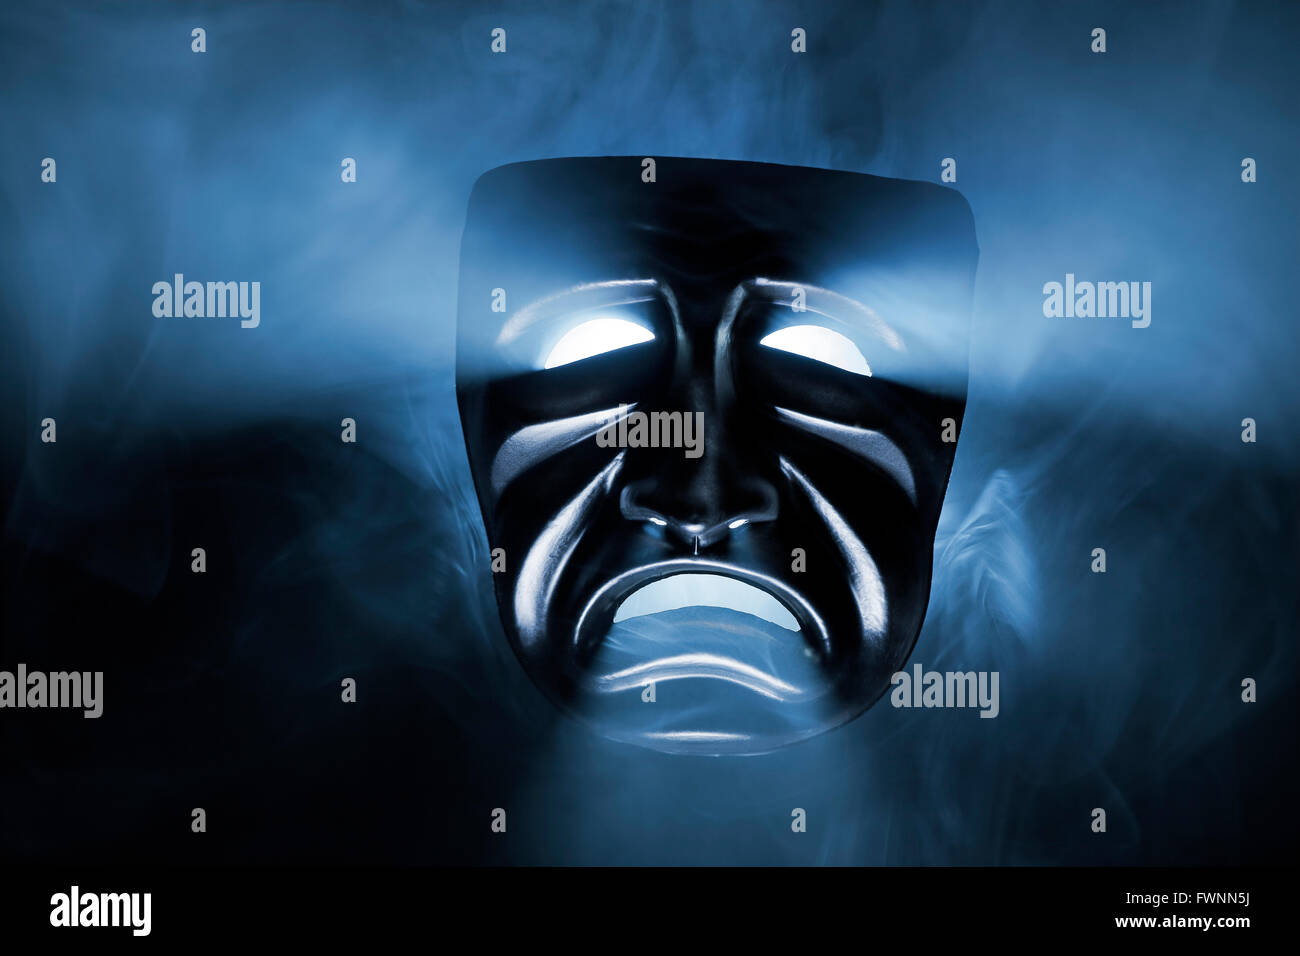 Masque noir avec lumière provenant de ses yeux et de la bouche. Photo Stock